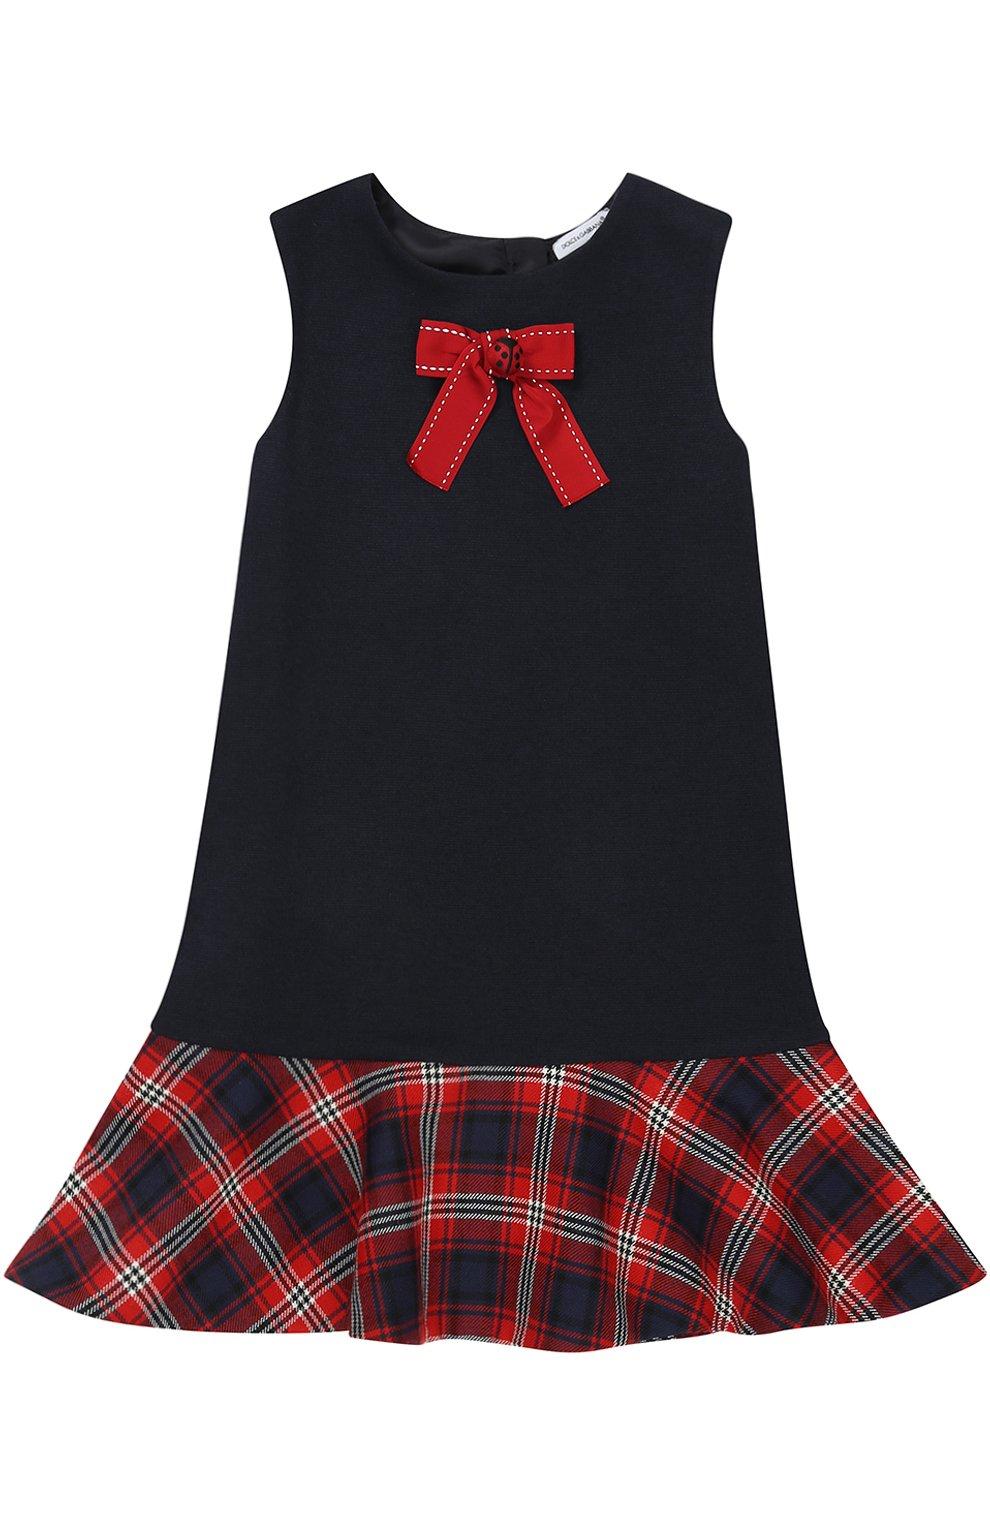 Мини-платье А-силуэта из шерсти и вискозы с принтом и декором | Фото №1